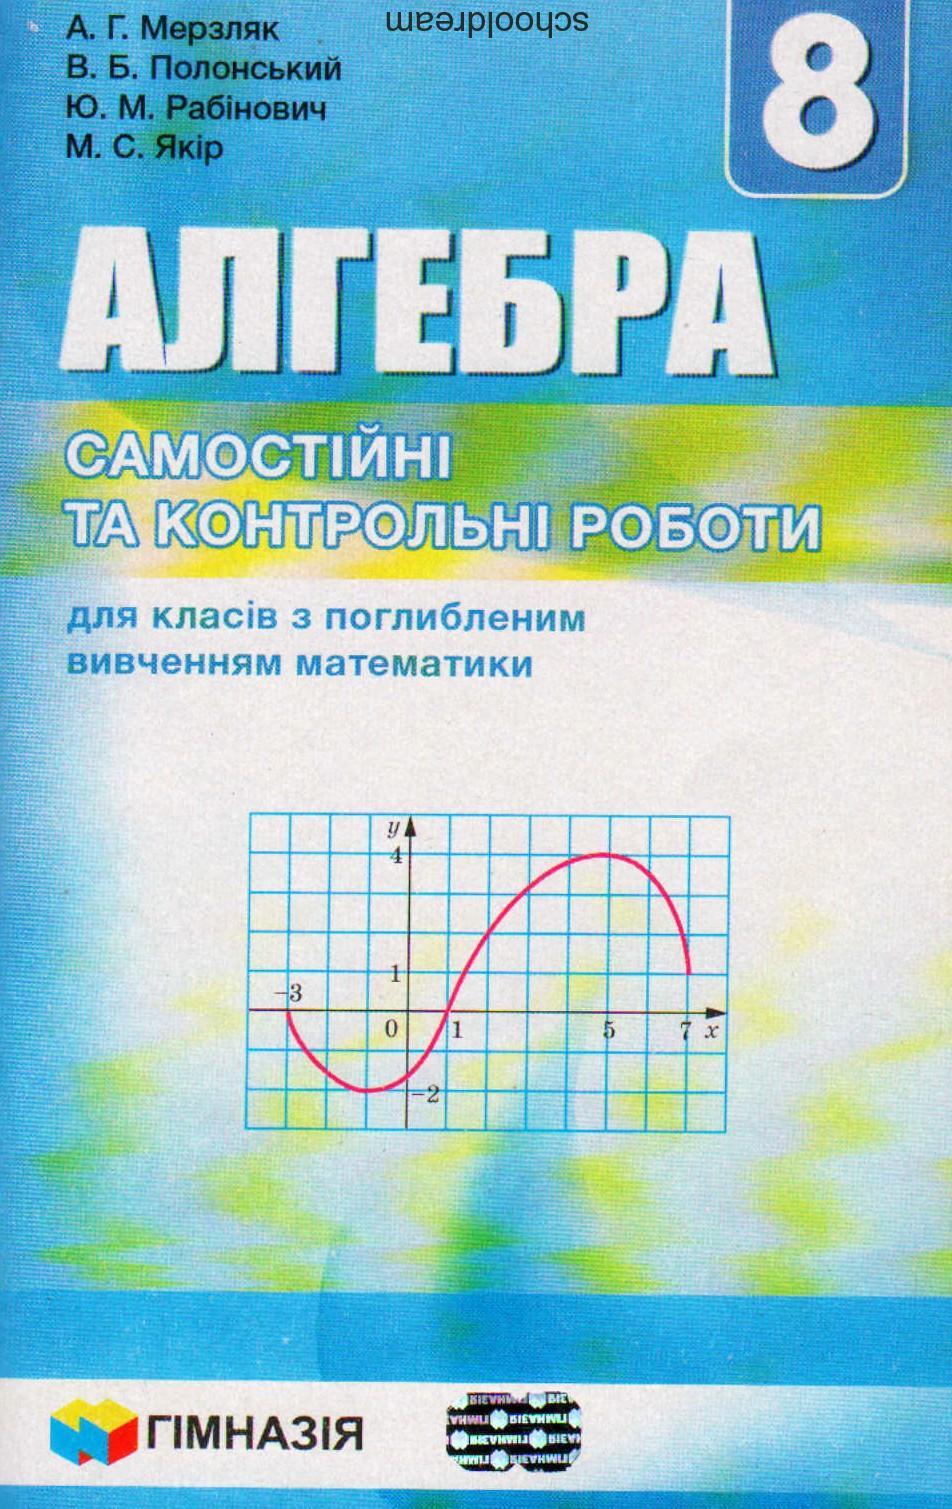 Гдз алгебра 9 клас мерзляк з поглибленим вивченням